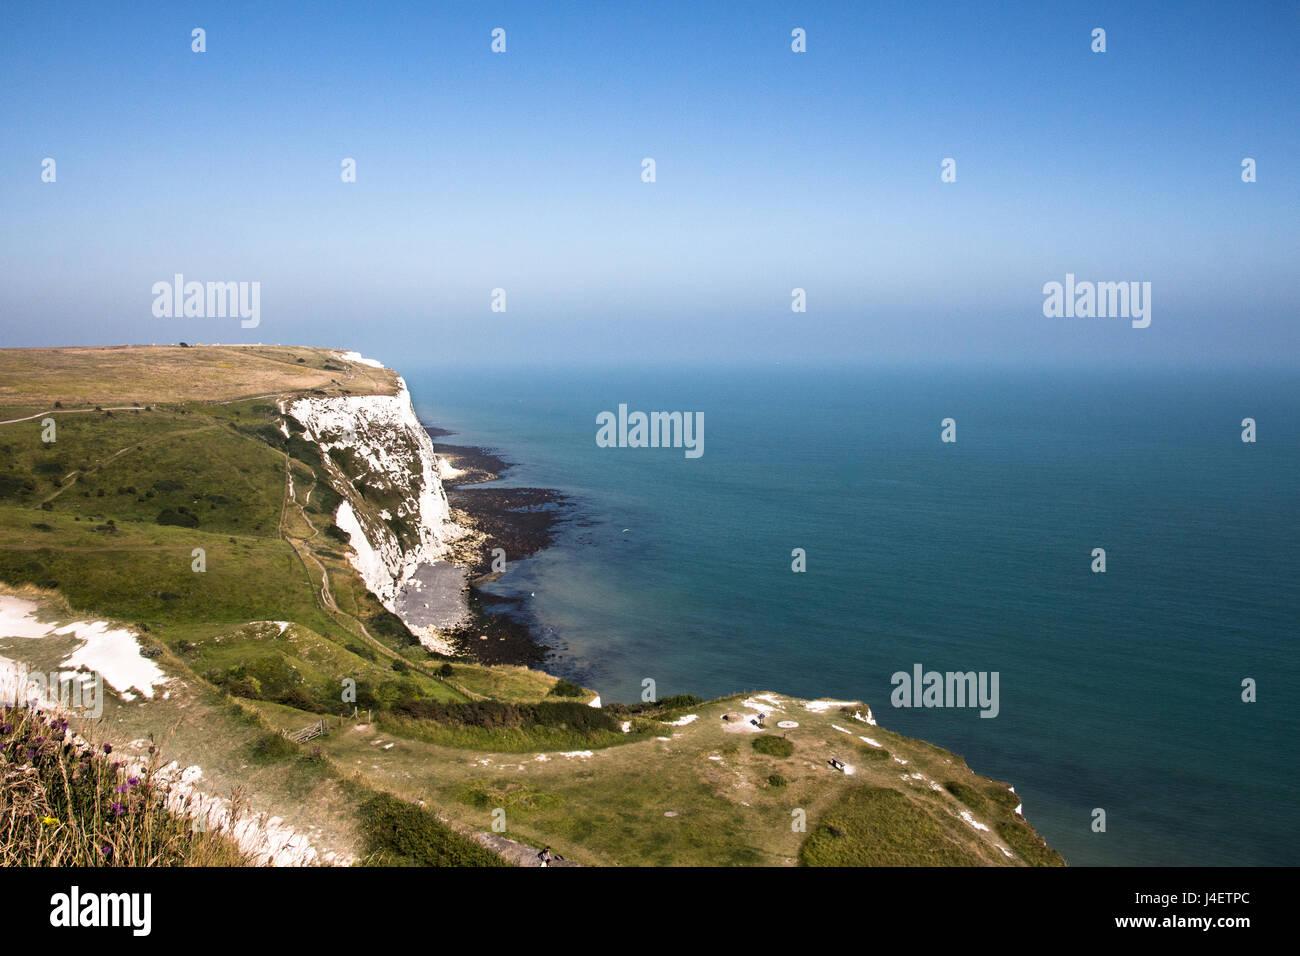 Les falaises blanches de Douvres sur un ciel bleu ensoleillé jour. Photo Stock